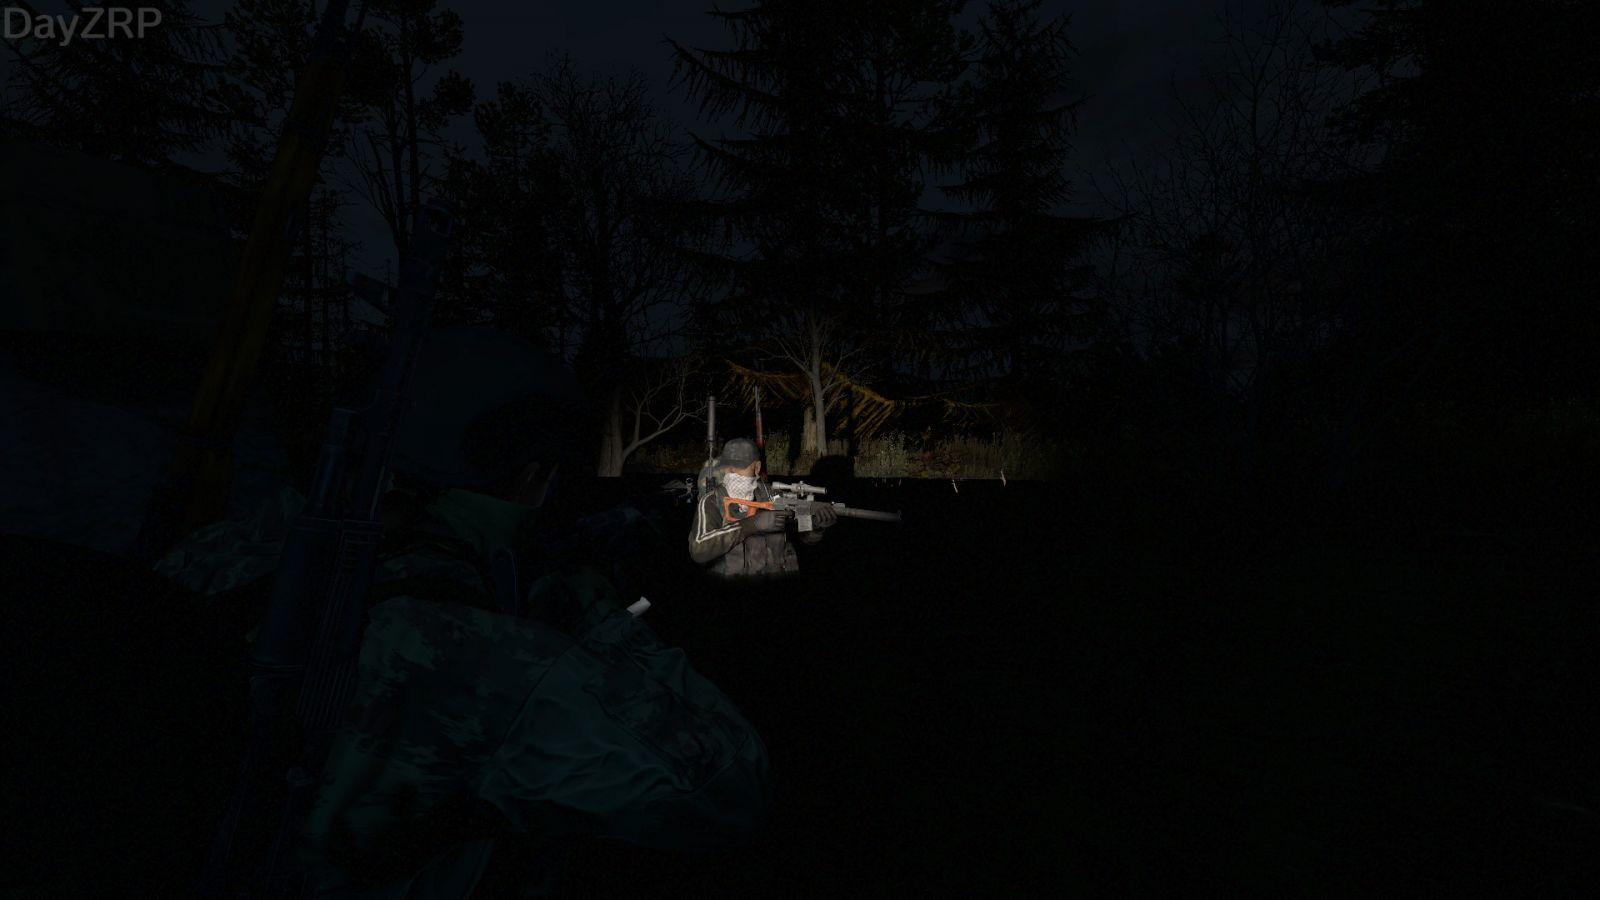 Sniping at night